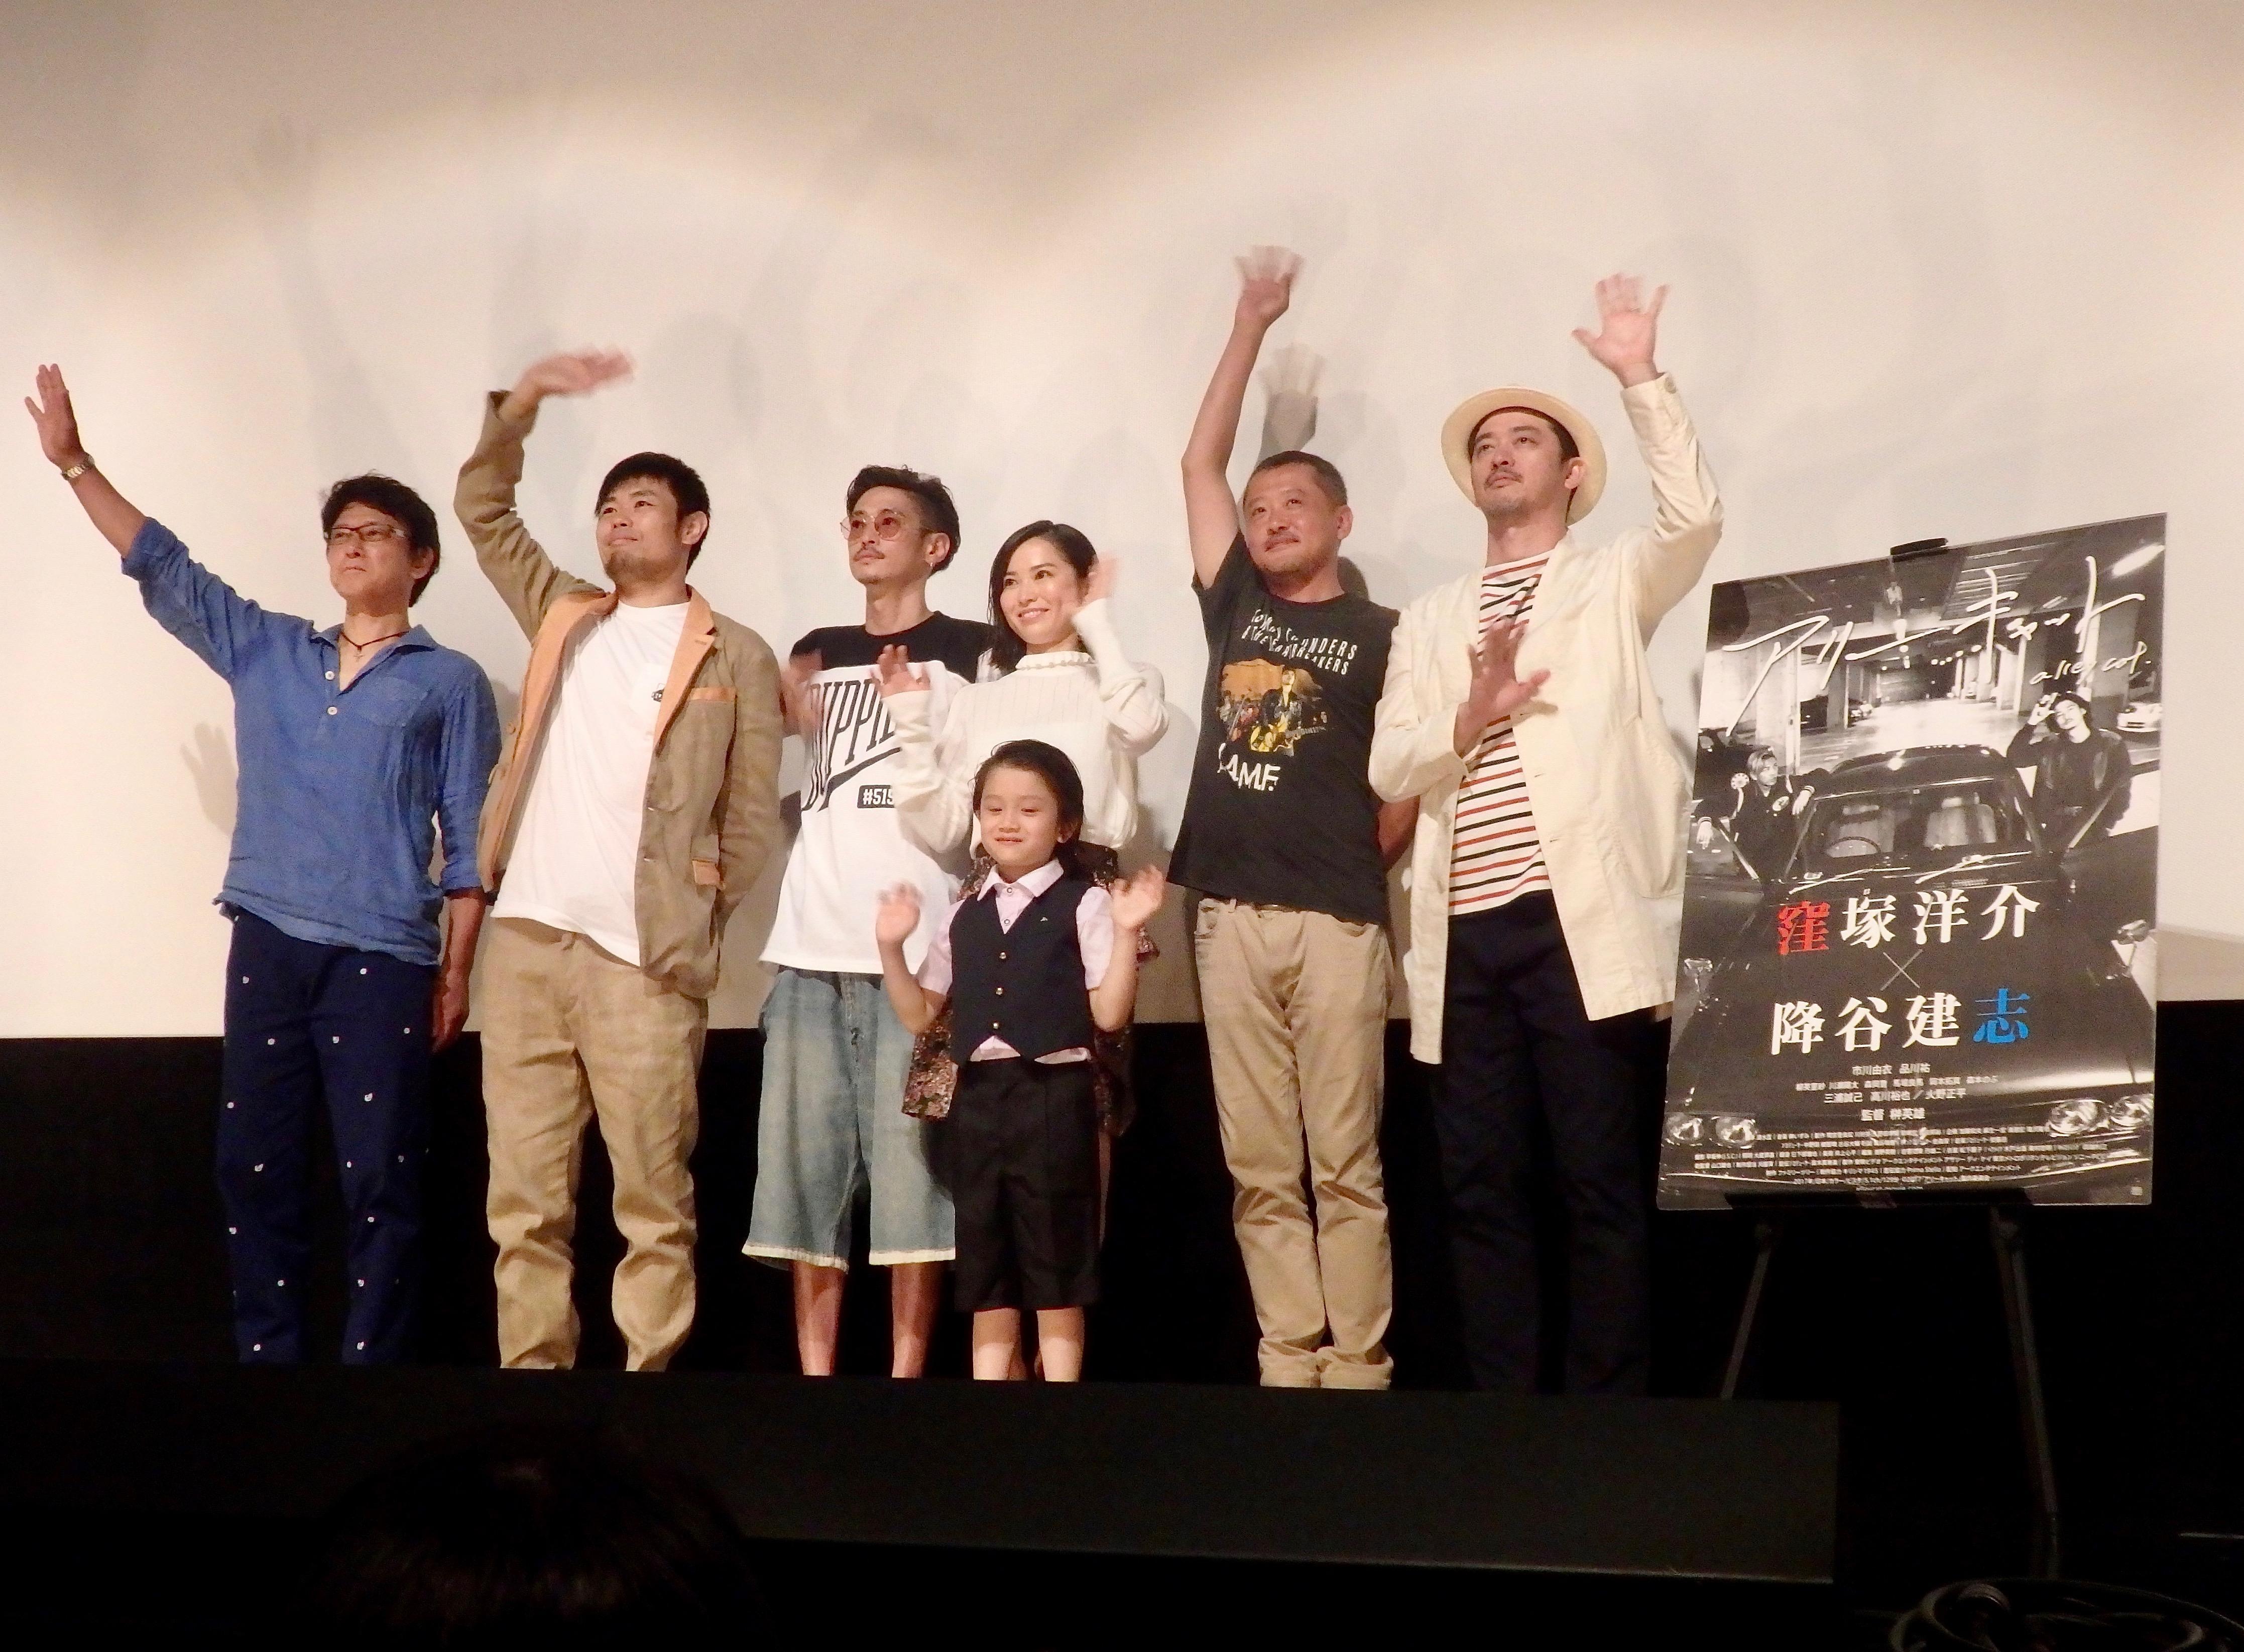 http://news.yoshimoto.co.jp/20170715194809-ab1cb86830f02e6f293b7b84444204f1a01a8ea3.jpg